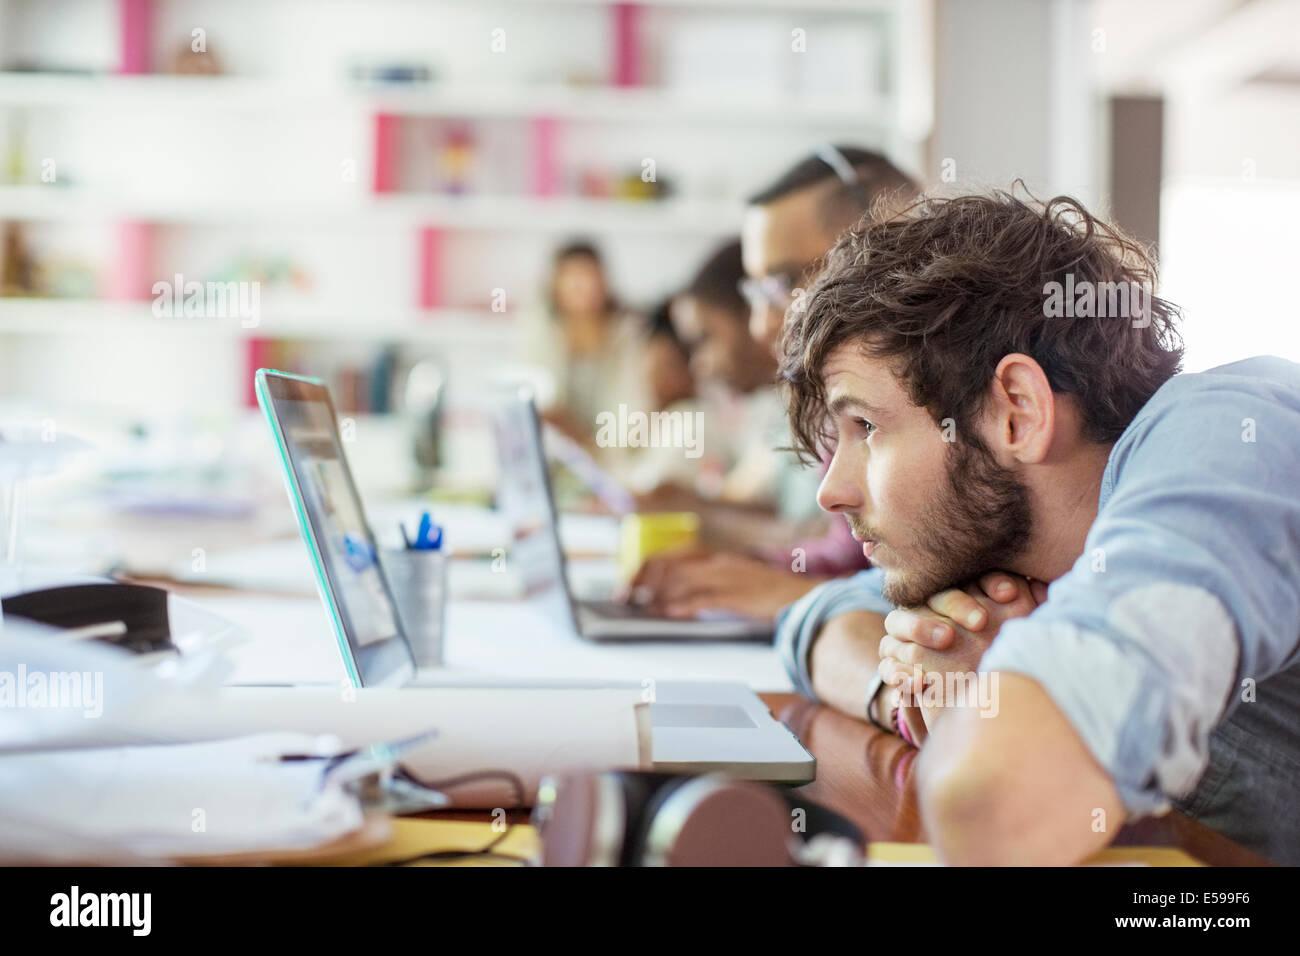 Las personas que trabajan en la oficina Imagen De Stock